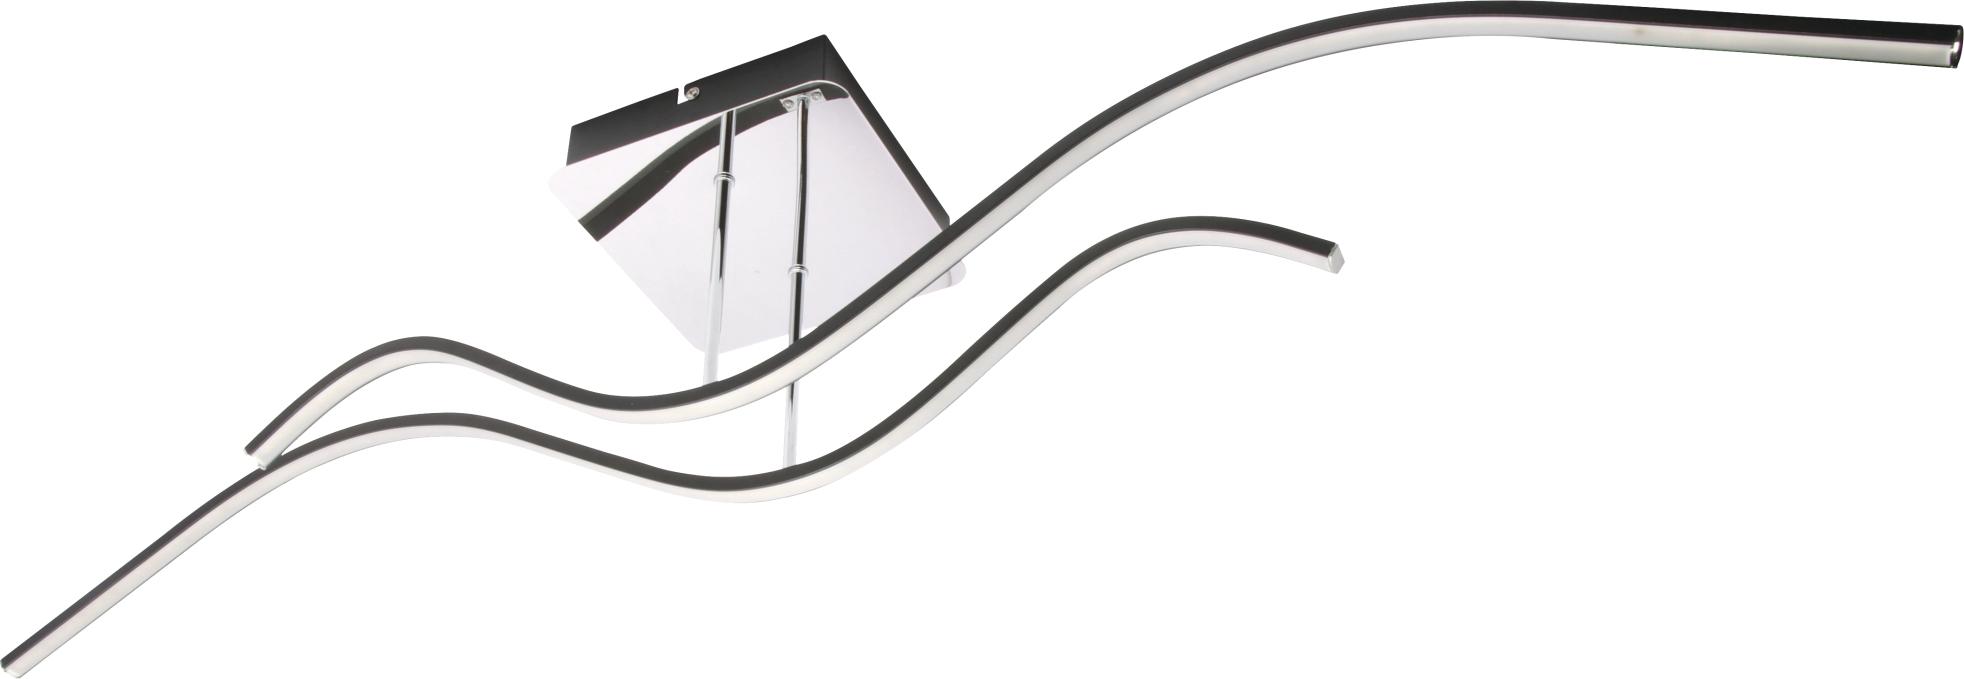 Klausen • Spider, LED-es mennyezeti lámpa, KL-6436